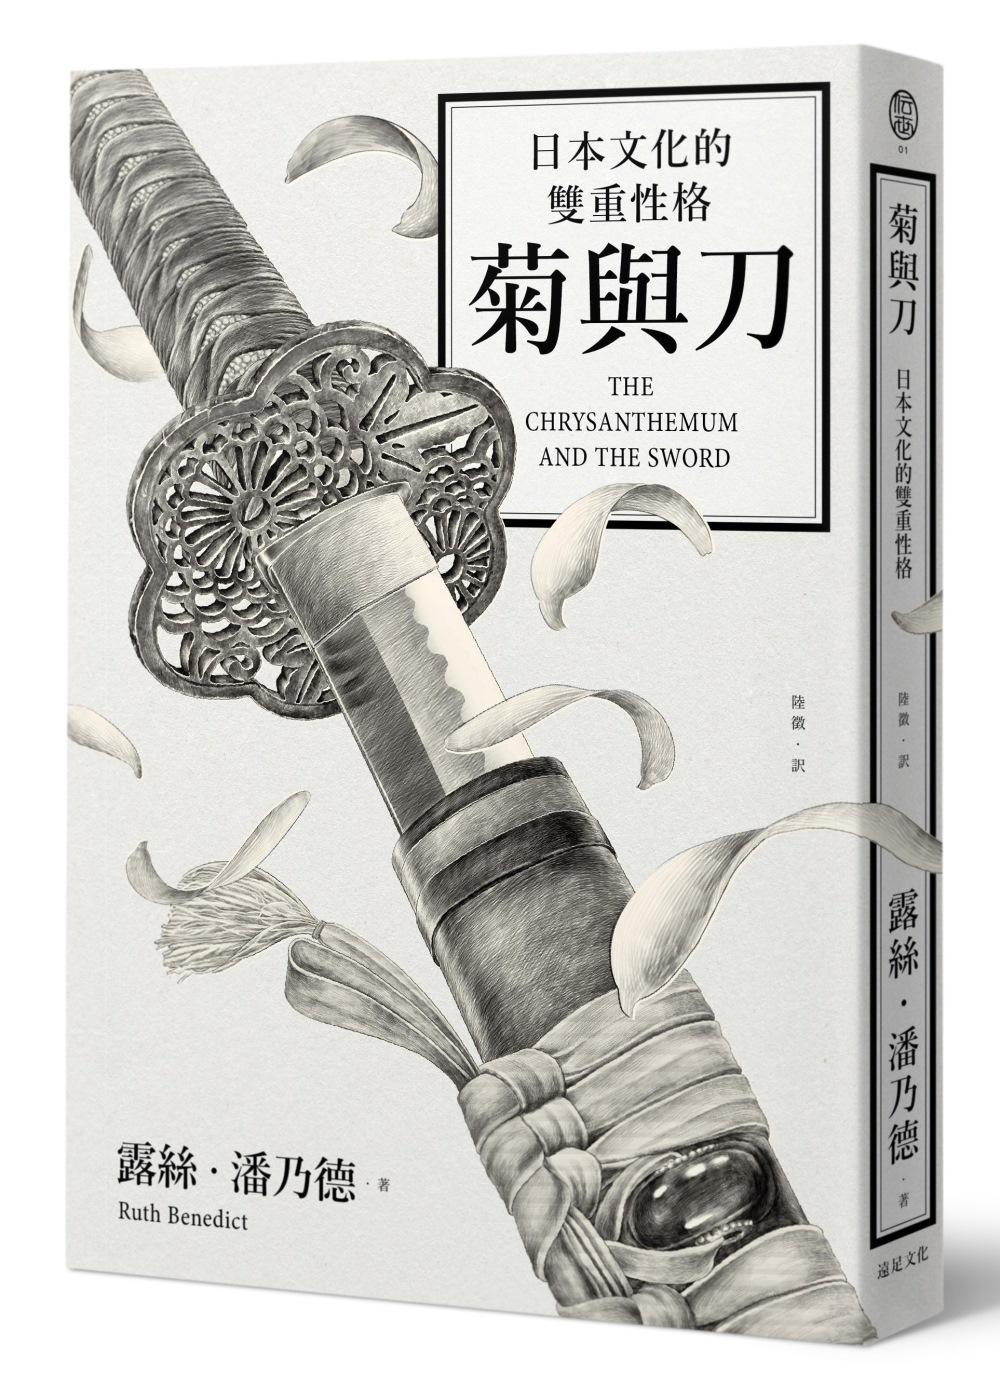 菊與刀: 日本文化的雙重性格(2018全新修訂版)